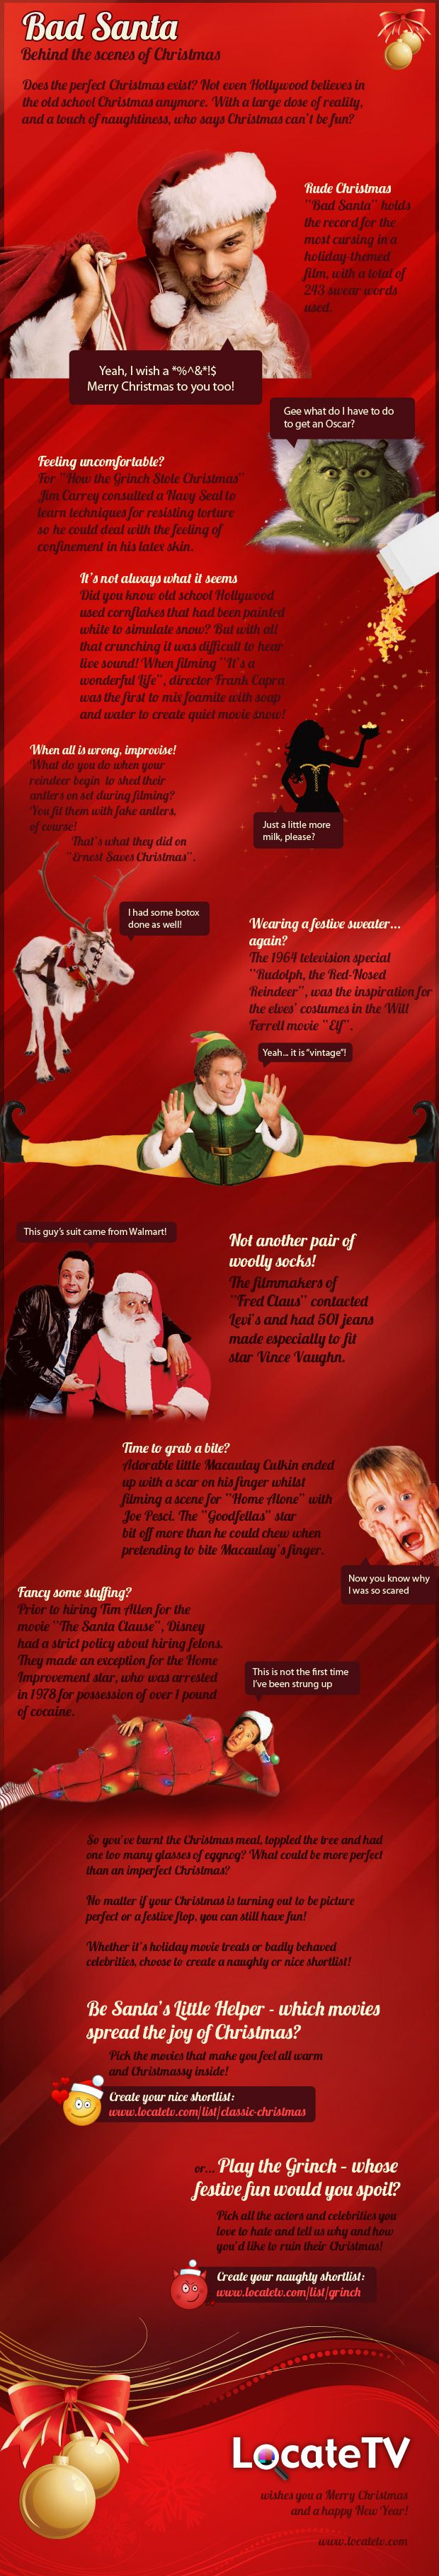 Tis the Season: Infographic Zone, Christmas 2012, Scenes, Holiday Infographics, Christmas Infographics, Bad Santa, Merry Christmas